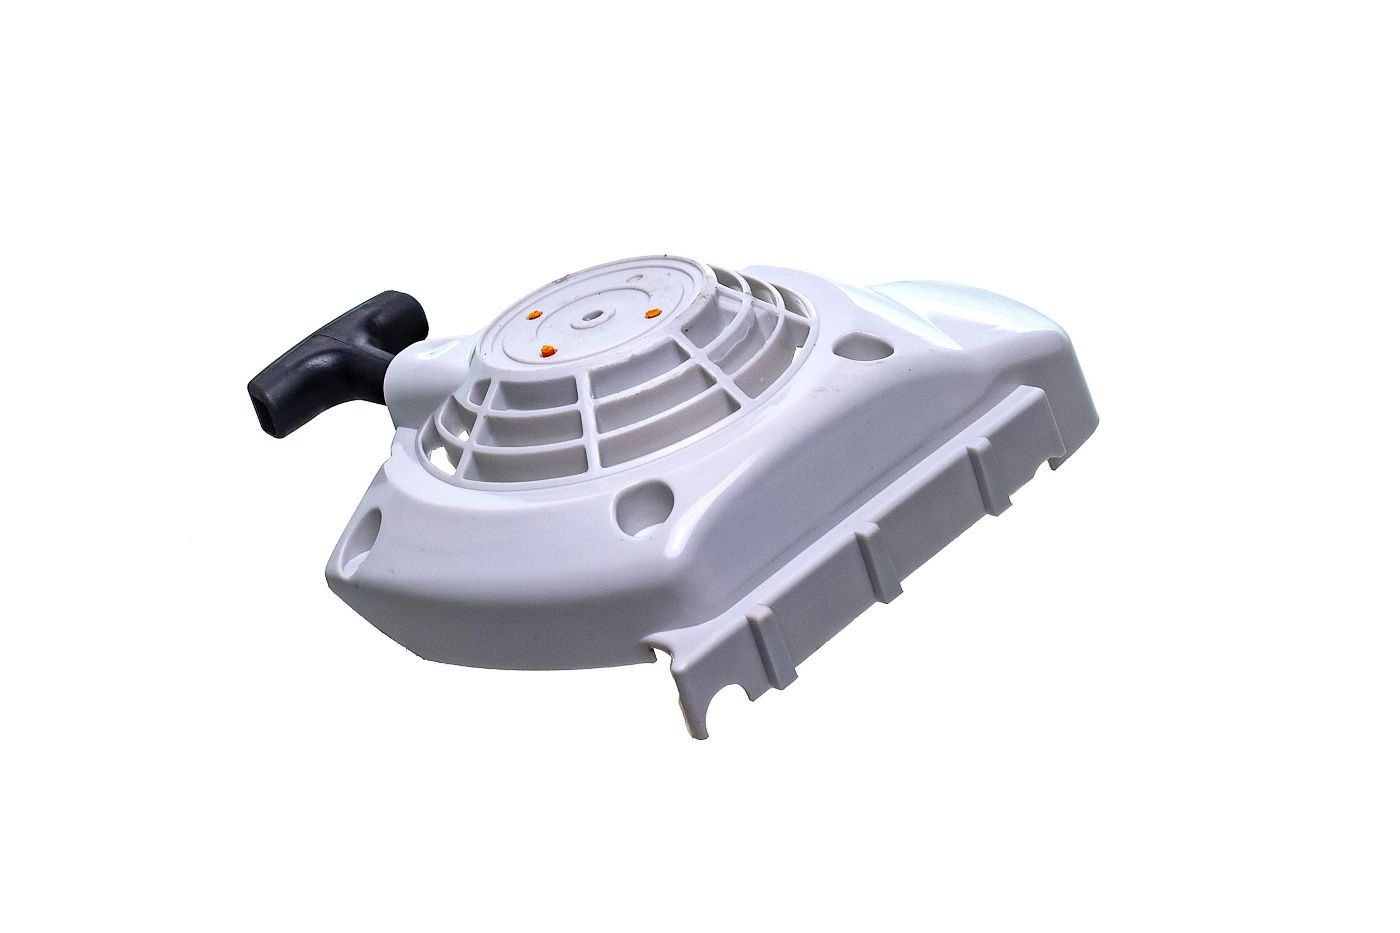 Kompletní startér Stihl FS120 BT120C FS200 FS250 HT250 FS300 FS350 FR480 (4134 080 2101)